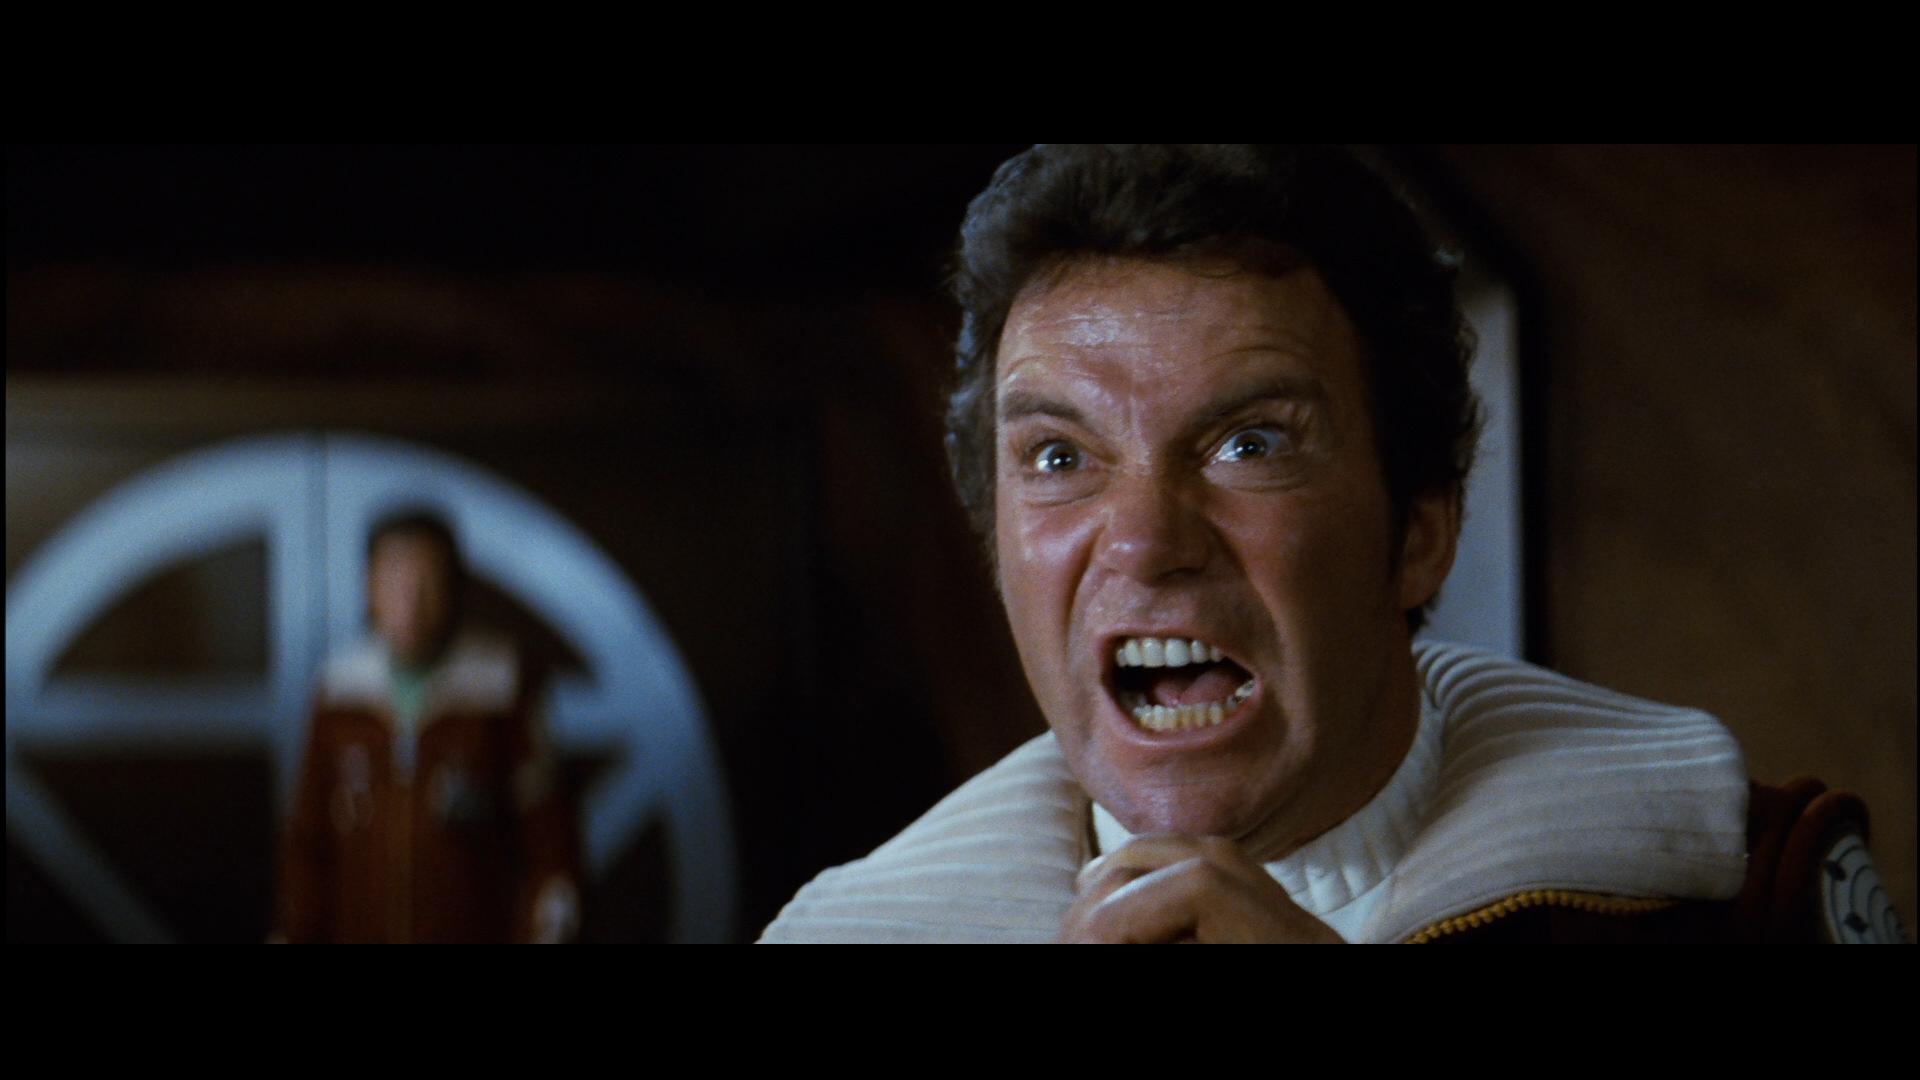 Nice wallpapers Star Trek II: The Wrath Of Khan 1920x1080px